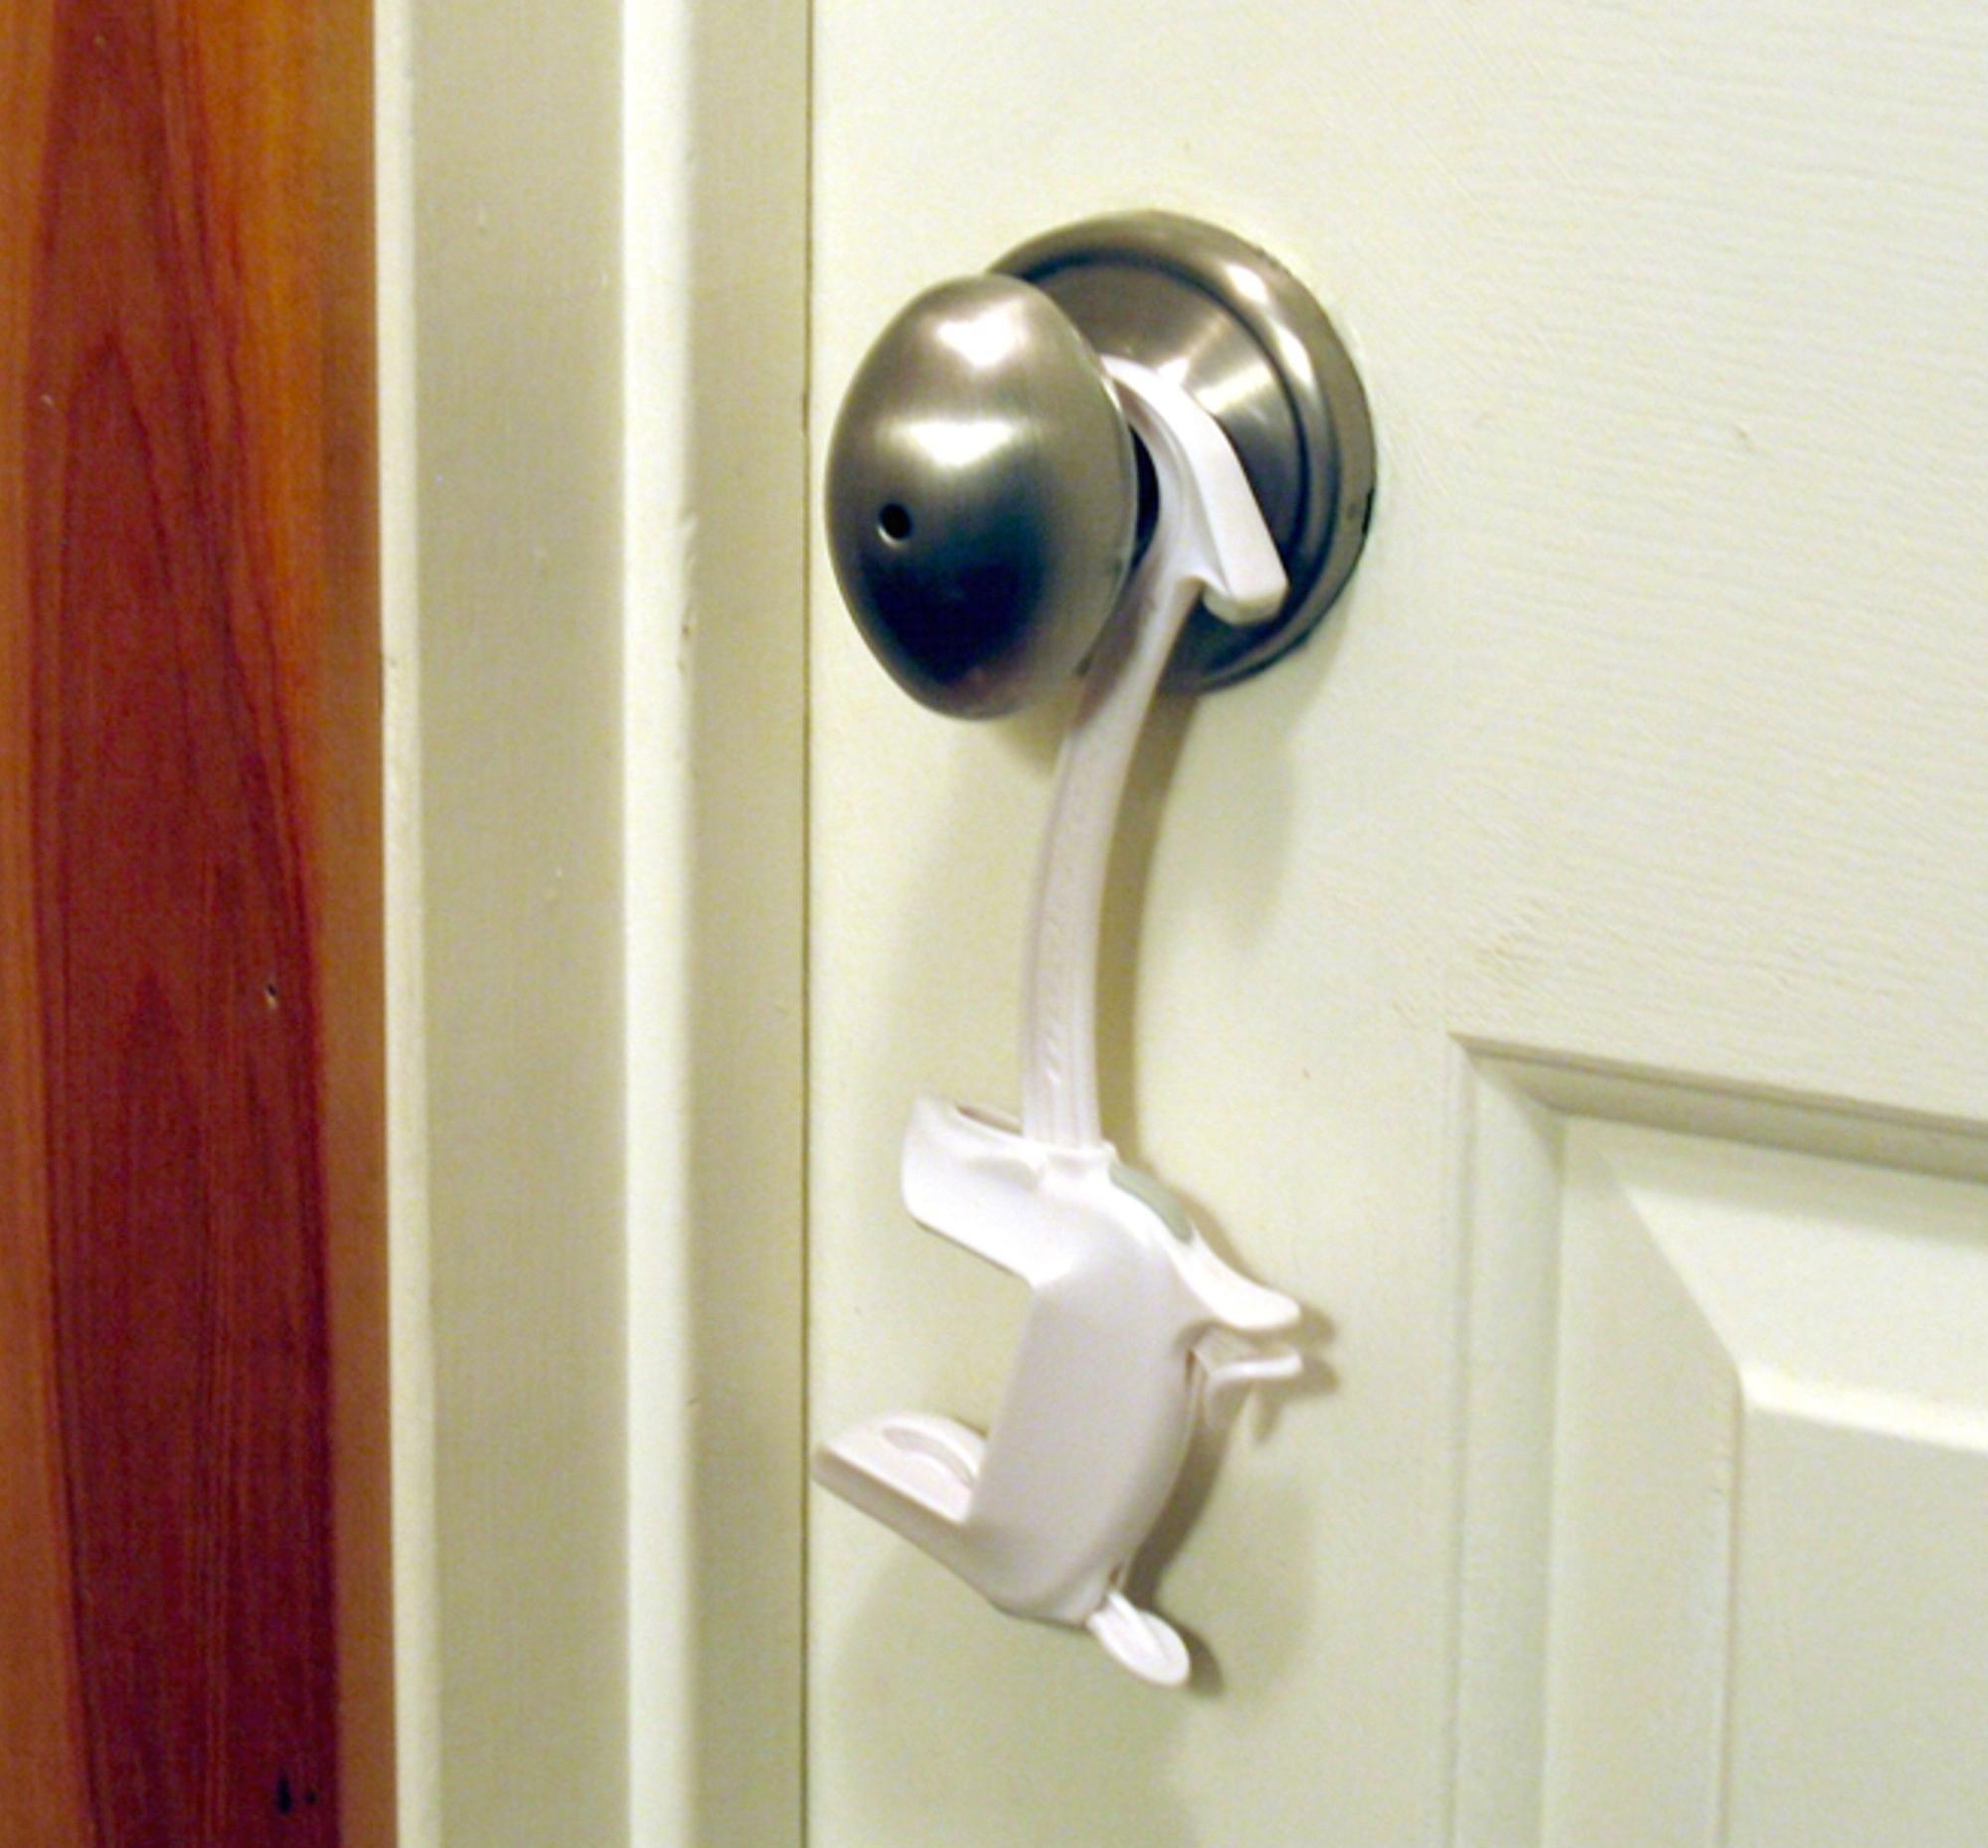 Door Monkey Door Lock And Pinch Guard Amazon Co Uk Baby